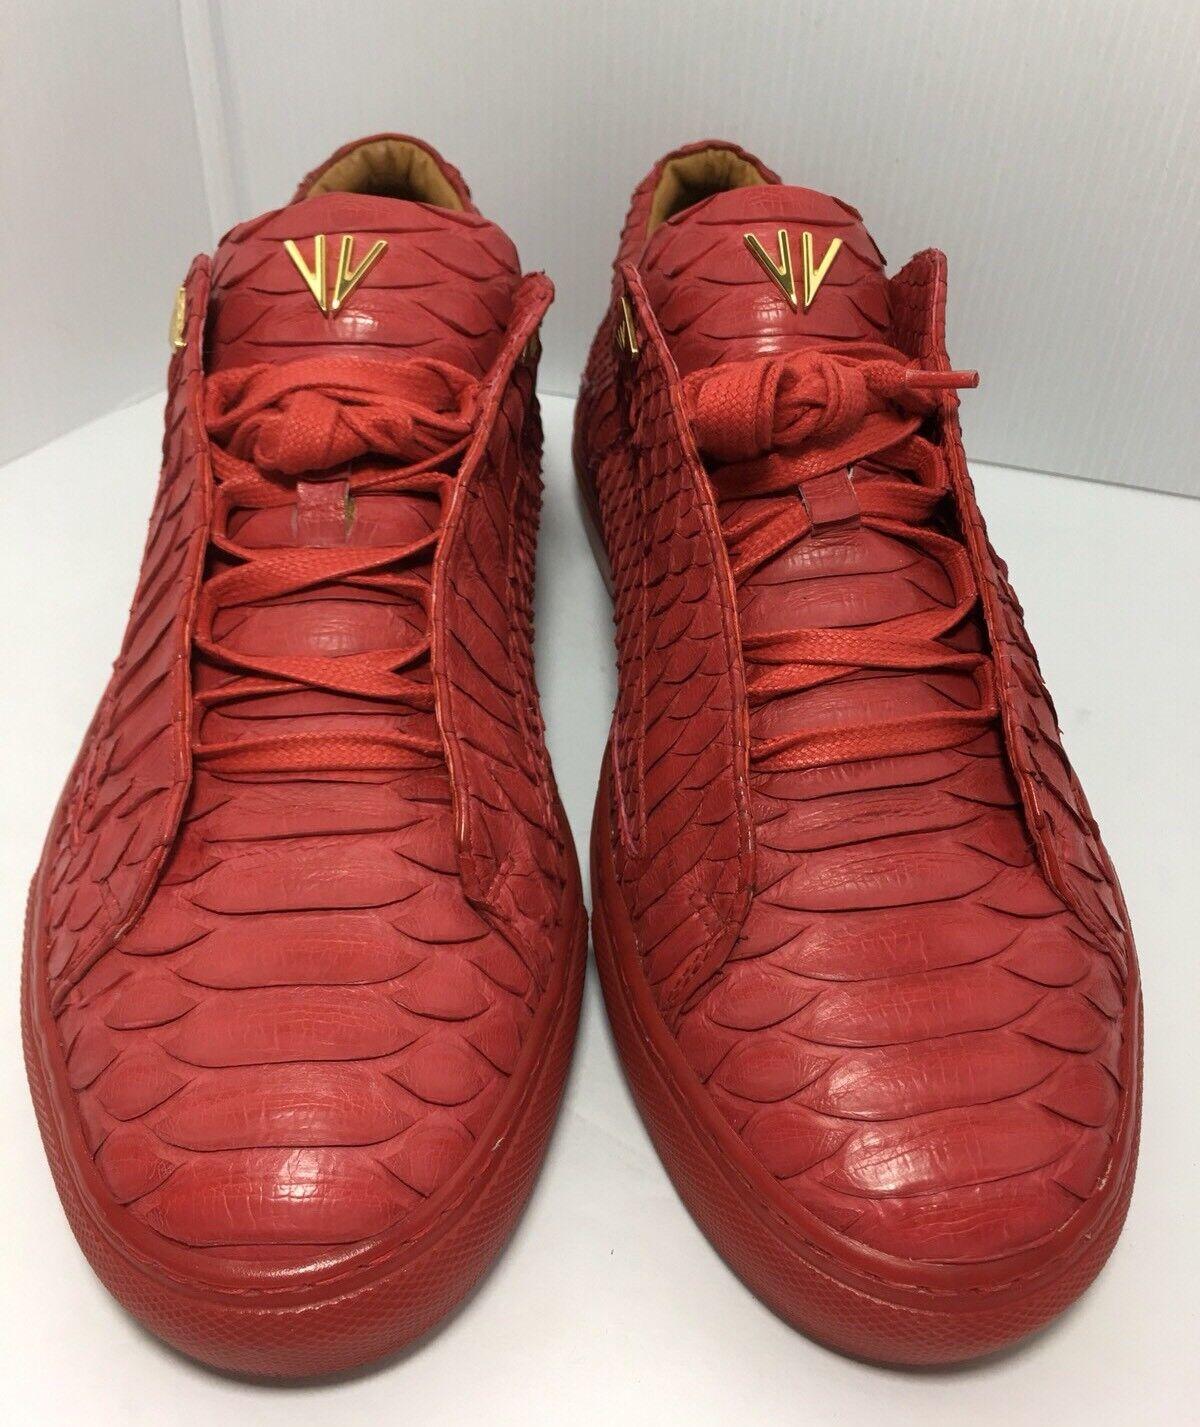 VINCEO Snake Skin Skin Skin rosso Low Top scarpe da ginnastica Dimensione 39.5 Made In  0a5aec